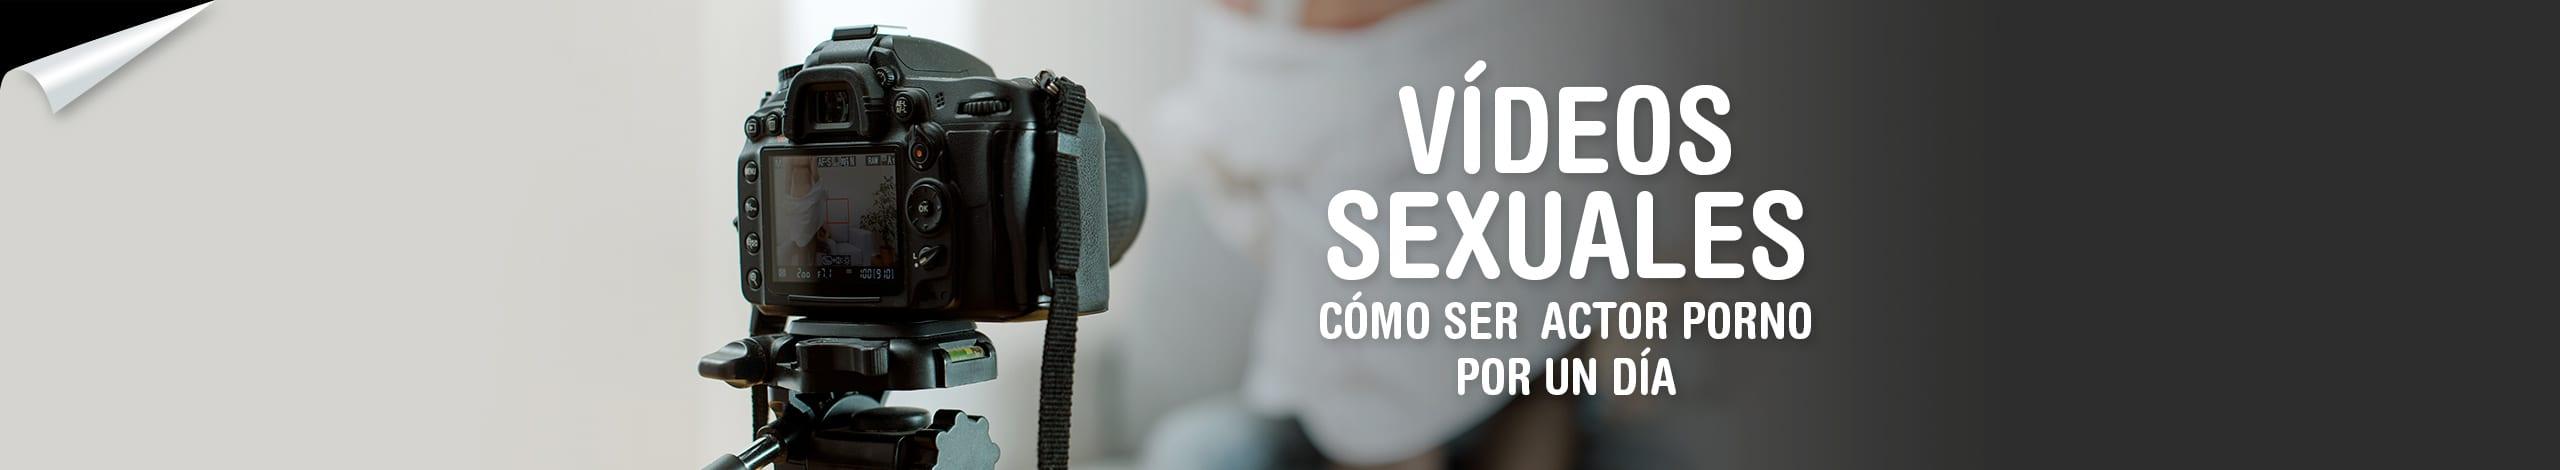 vídeos sexuales